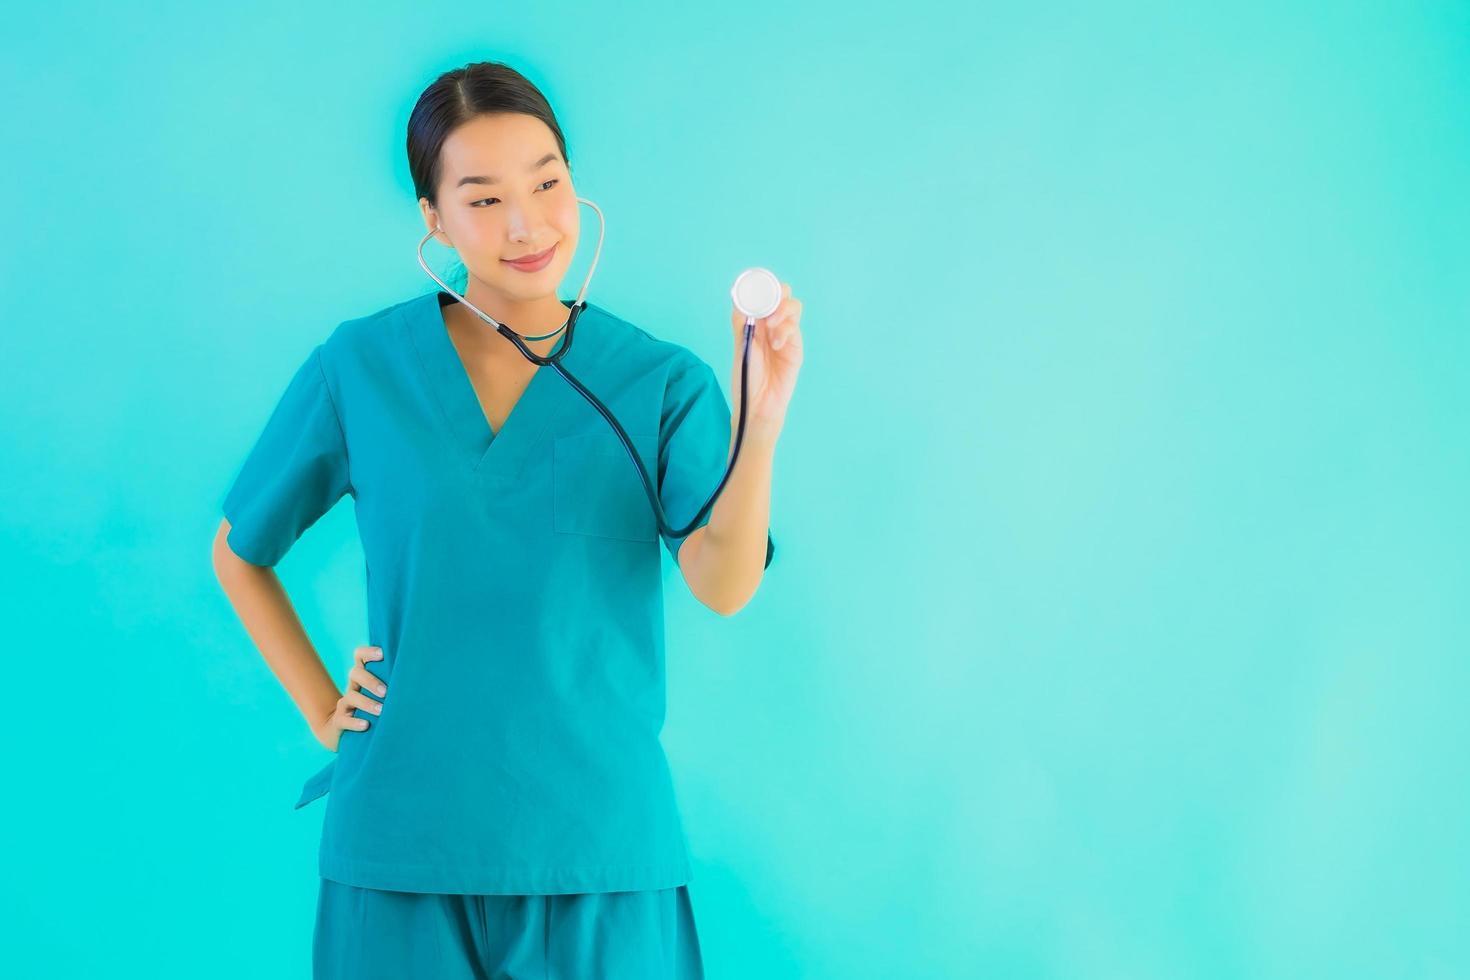 médico de mulher segurando o estetoscópio foto